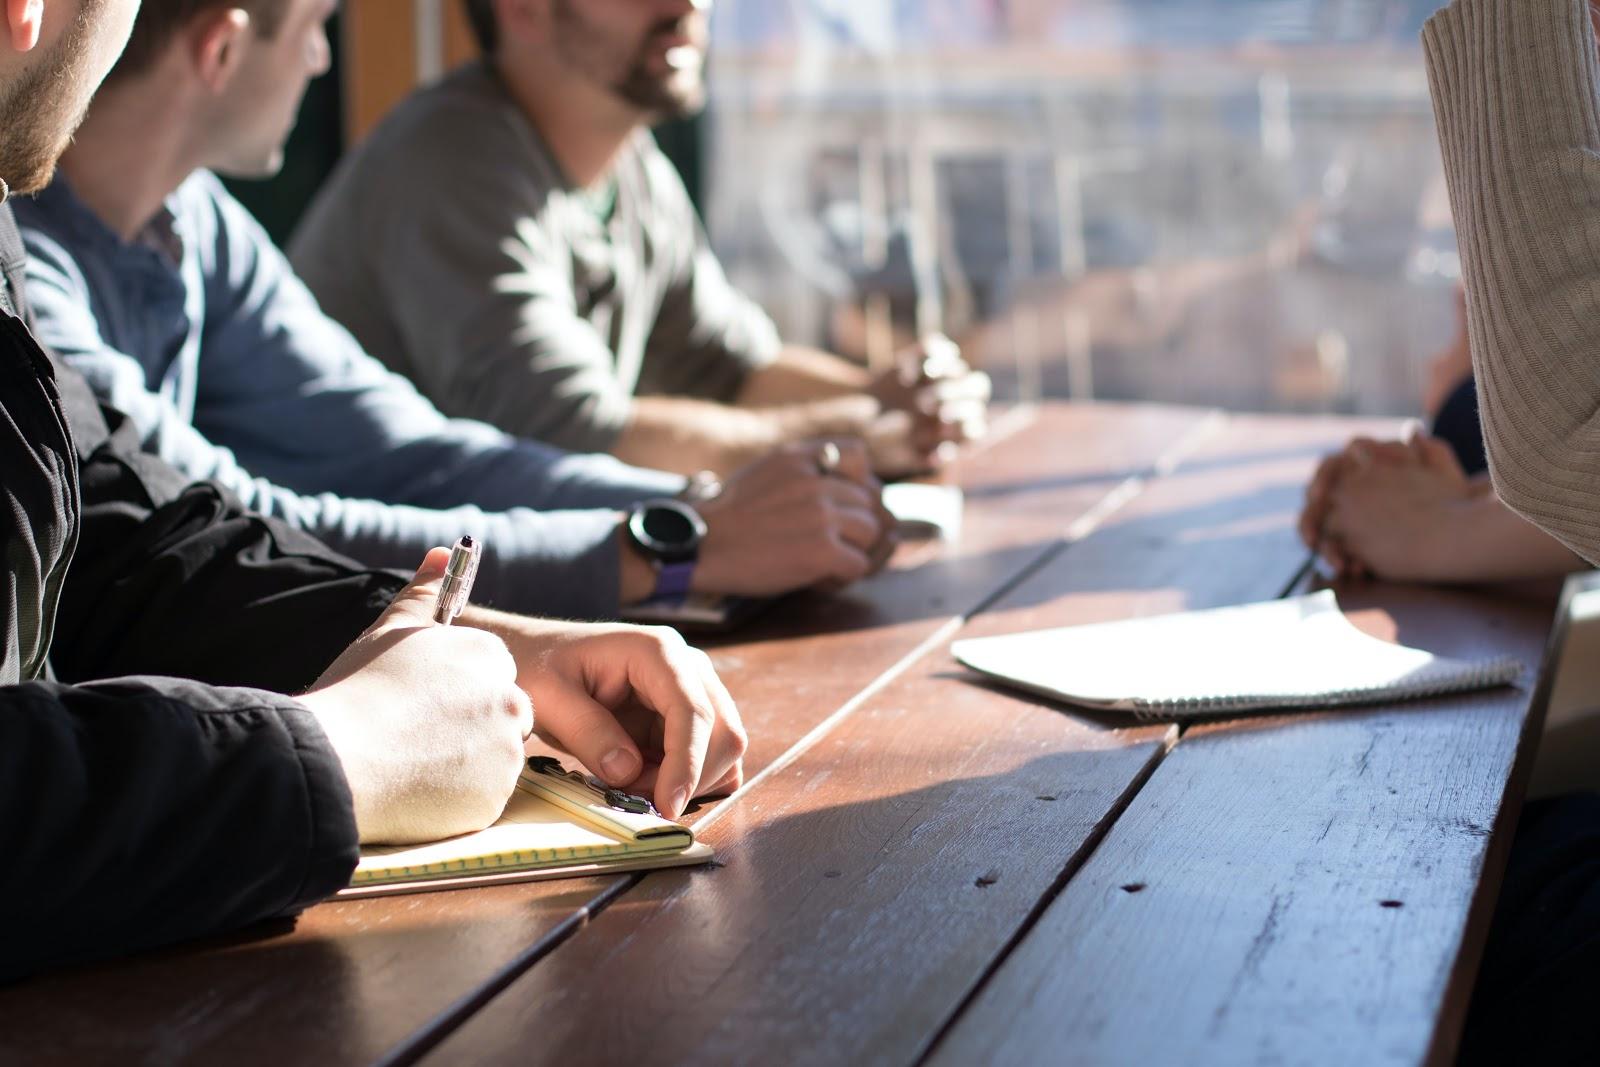 Groupe de collègues au bureau assis autour d'une table gros plan qui coupe leurs visages